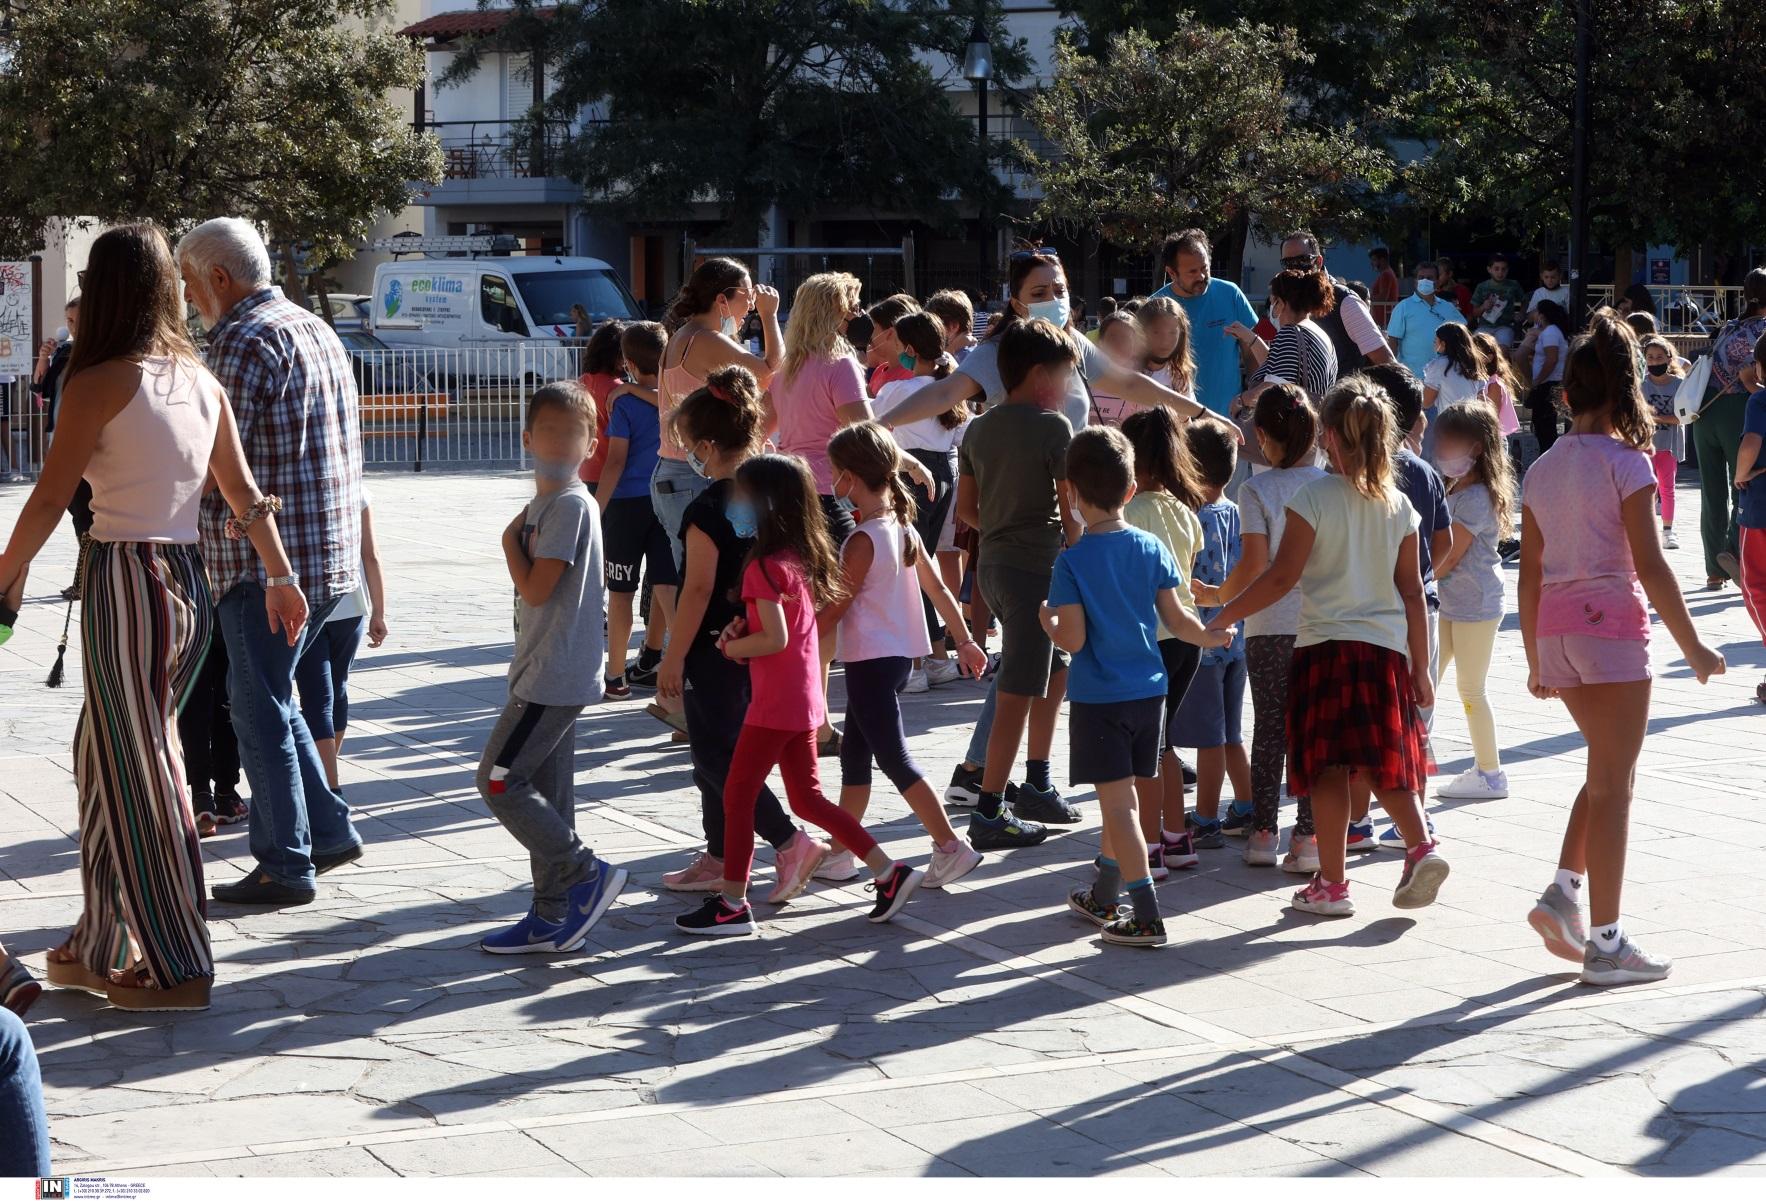 Σεισμός στην Κρήτη: Κλειστά όλα τα σχολεία στο Ηράκλειο, Τρίτη και Τετάρτη